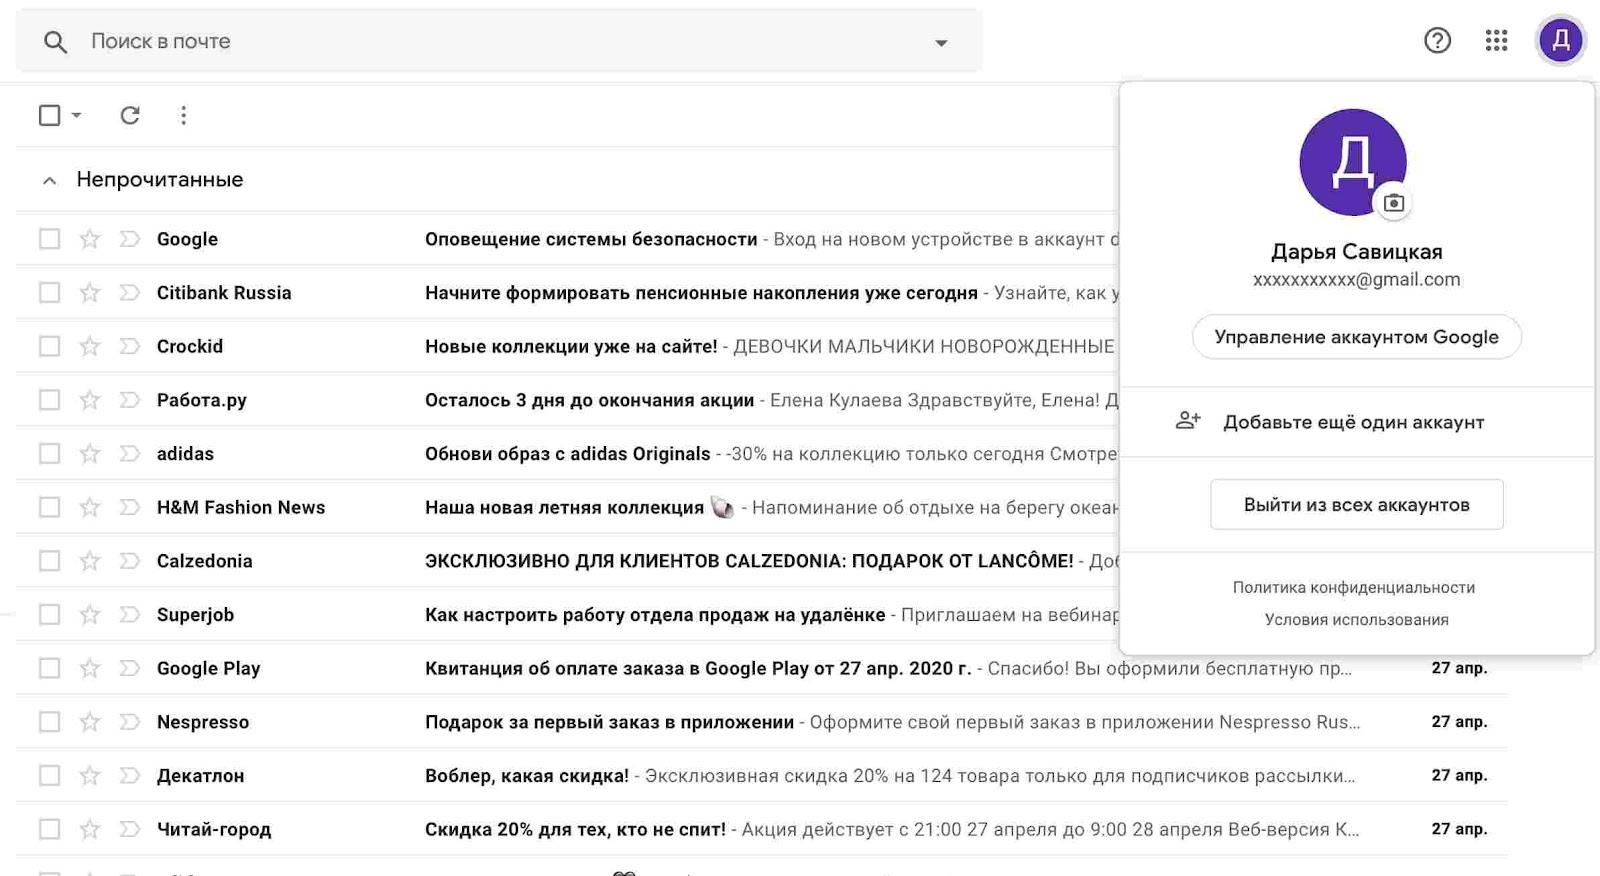 Управление аккаунтом Google для добавление аватара email-рассылки